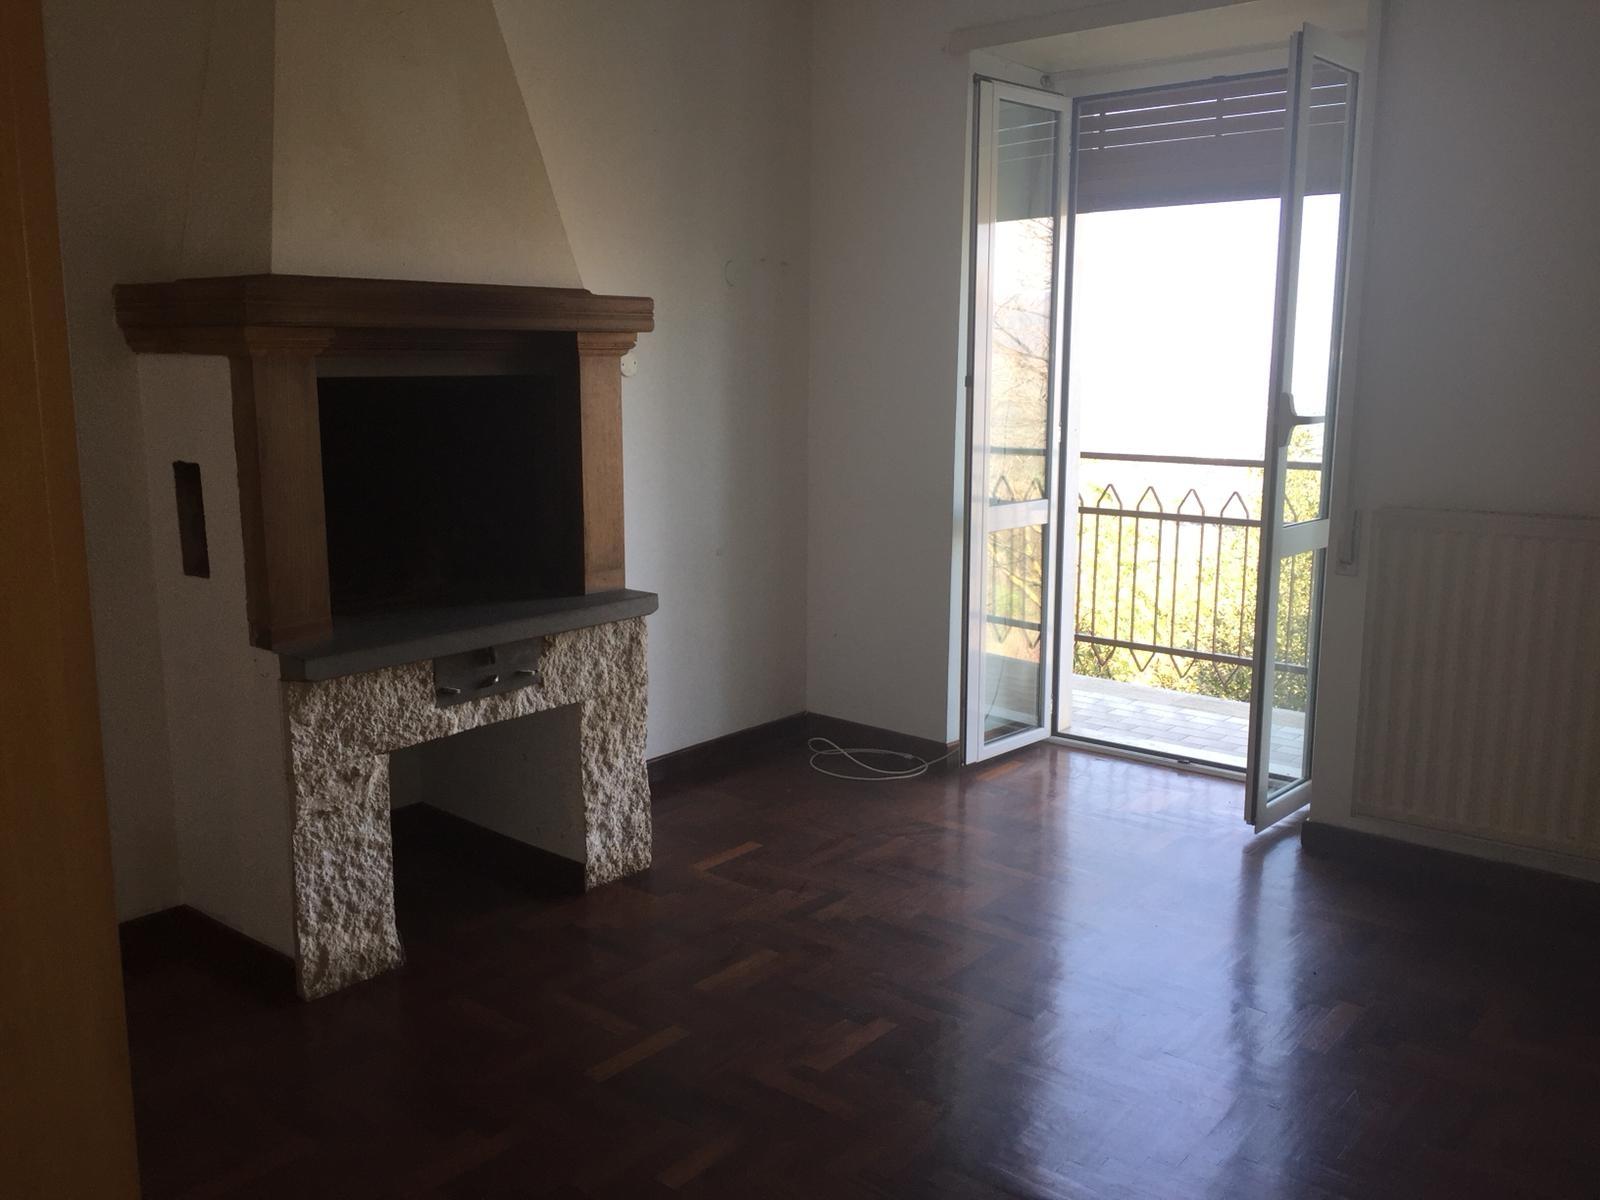 Appartamento in vendita a Sant'Angelo Romano, 3 locali, prezzo € 95.000 | CambioCasa.it